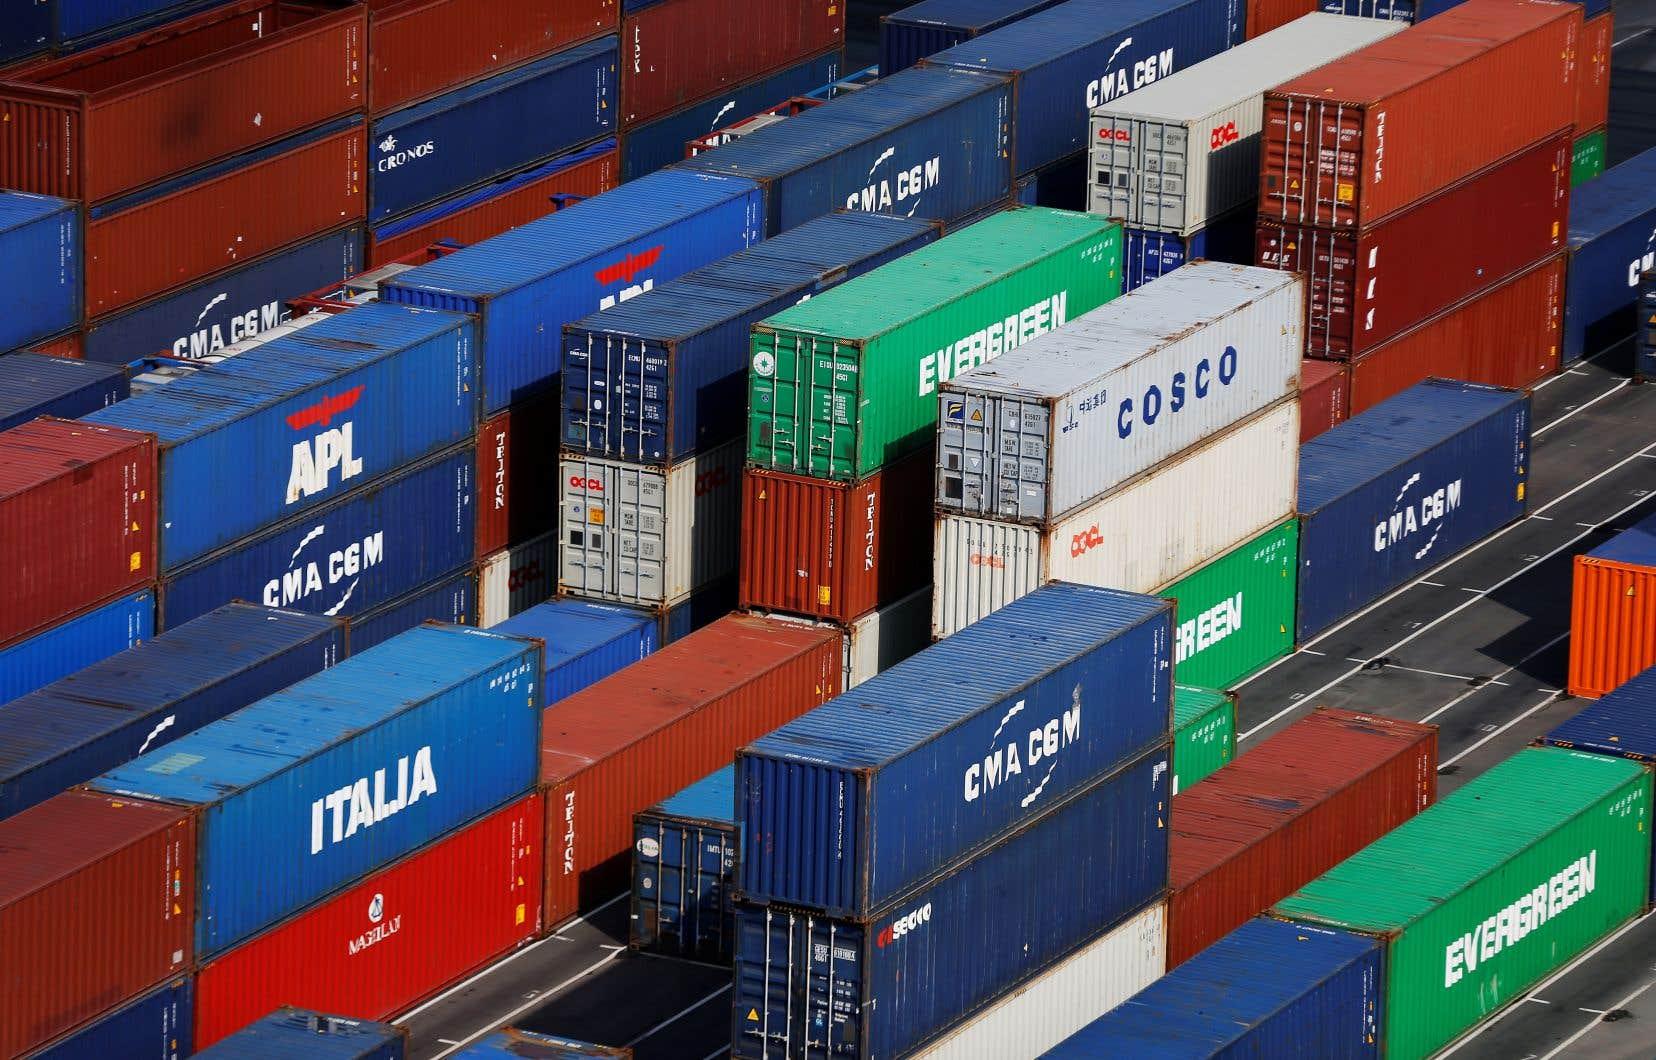 Le commerce mondial pourrait chuter entre 13 et 32% en 2020 selon le scénario probable ou pessimiste, avertit l'Organisation mondiale du commerce.